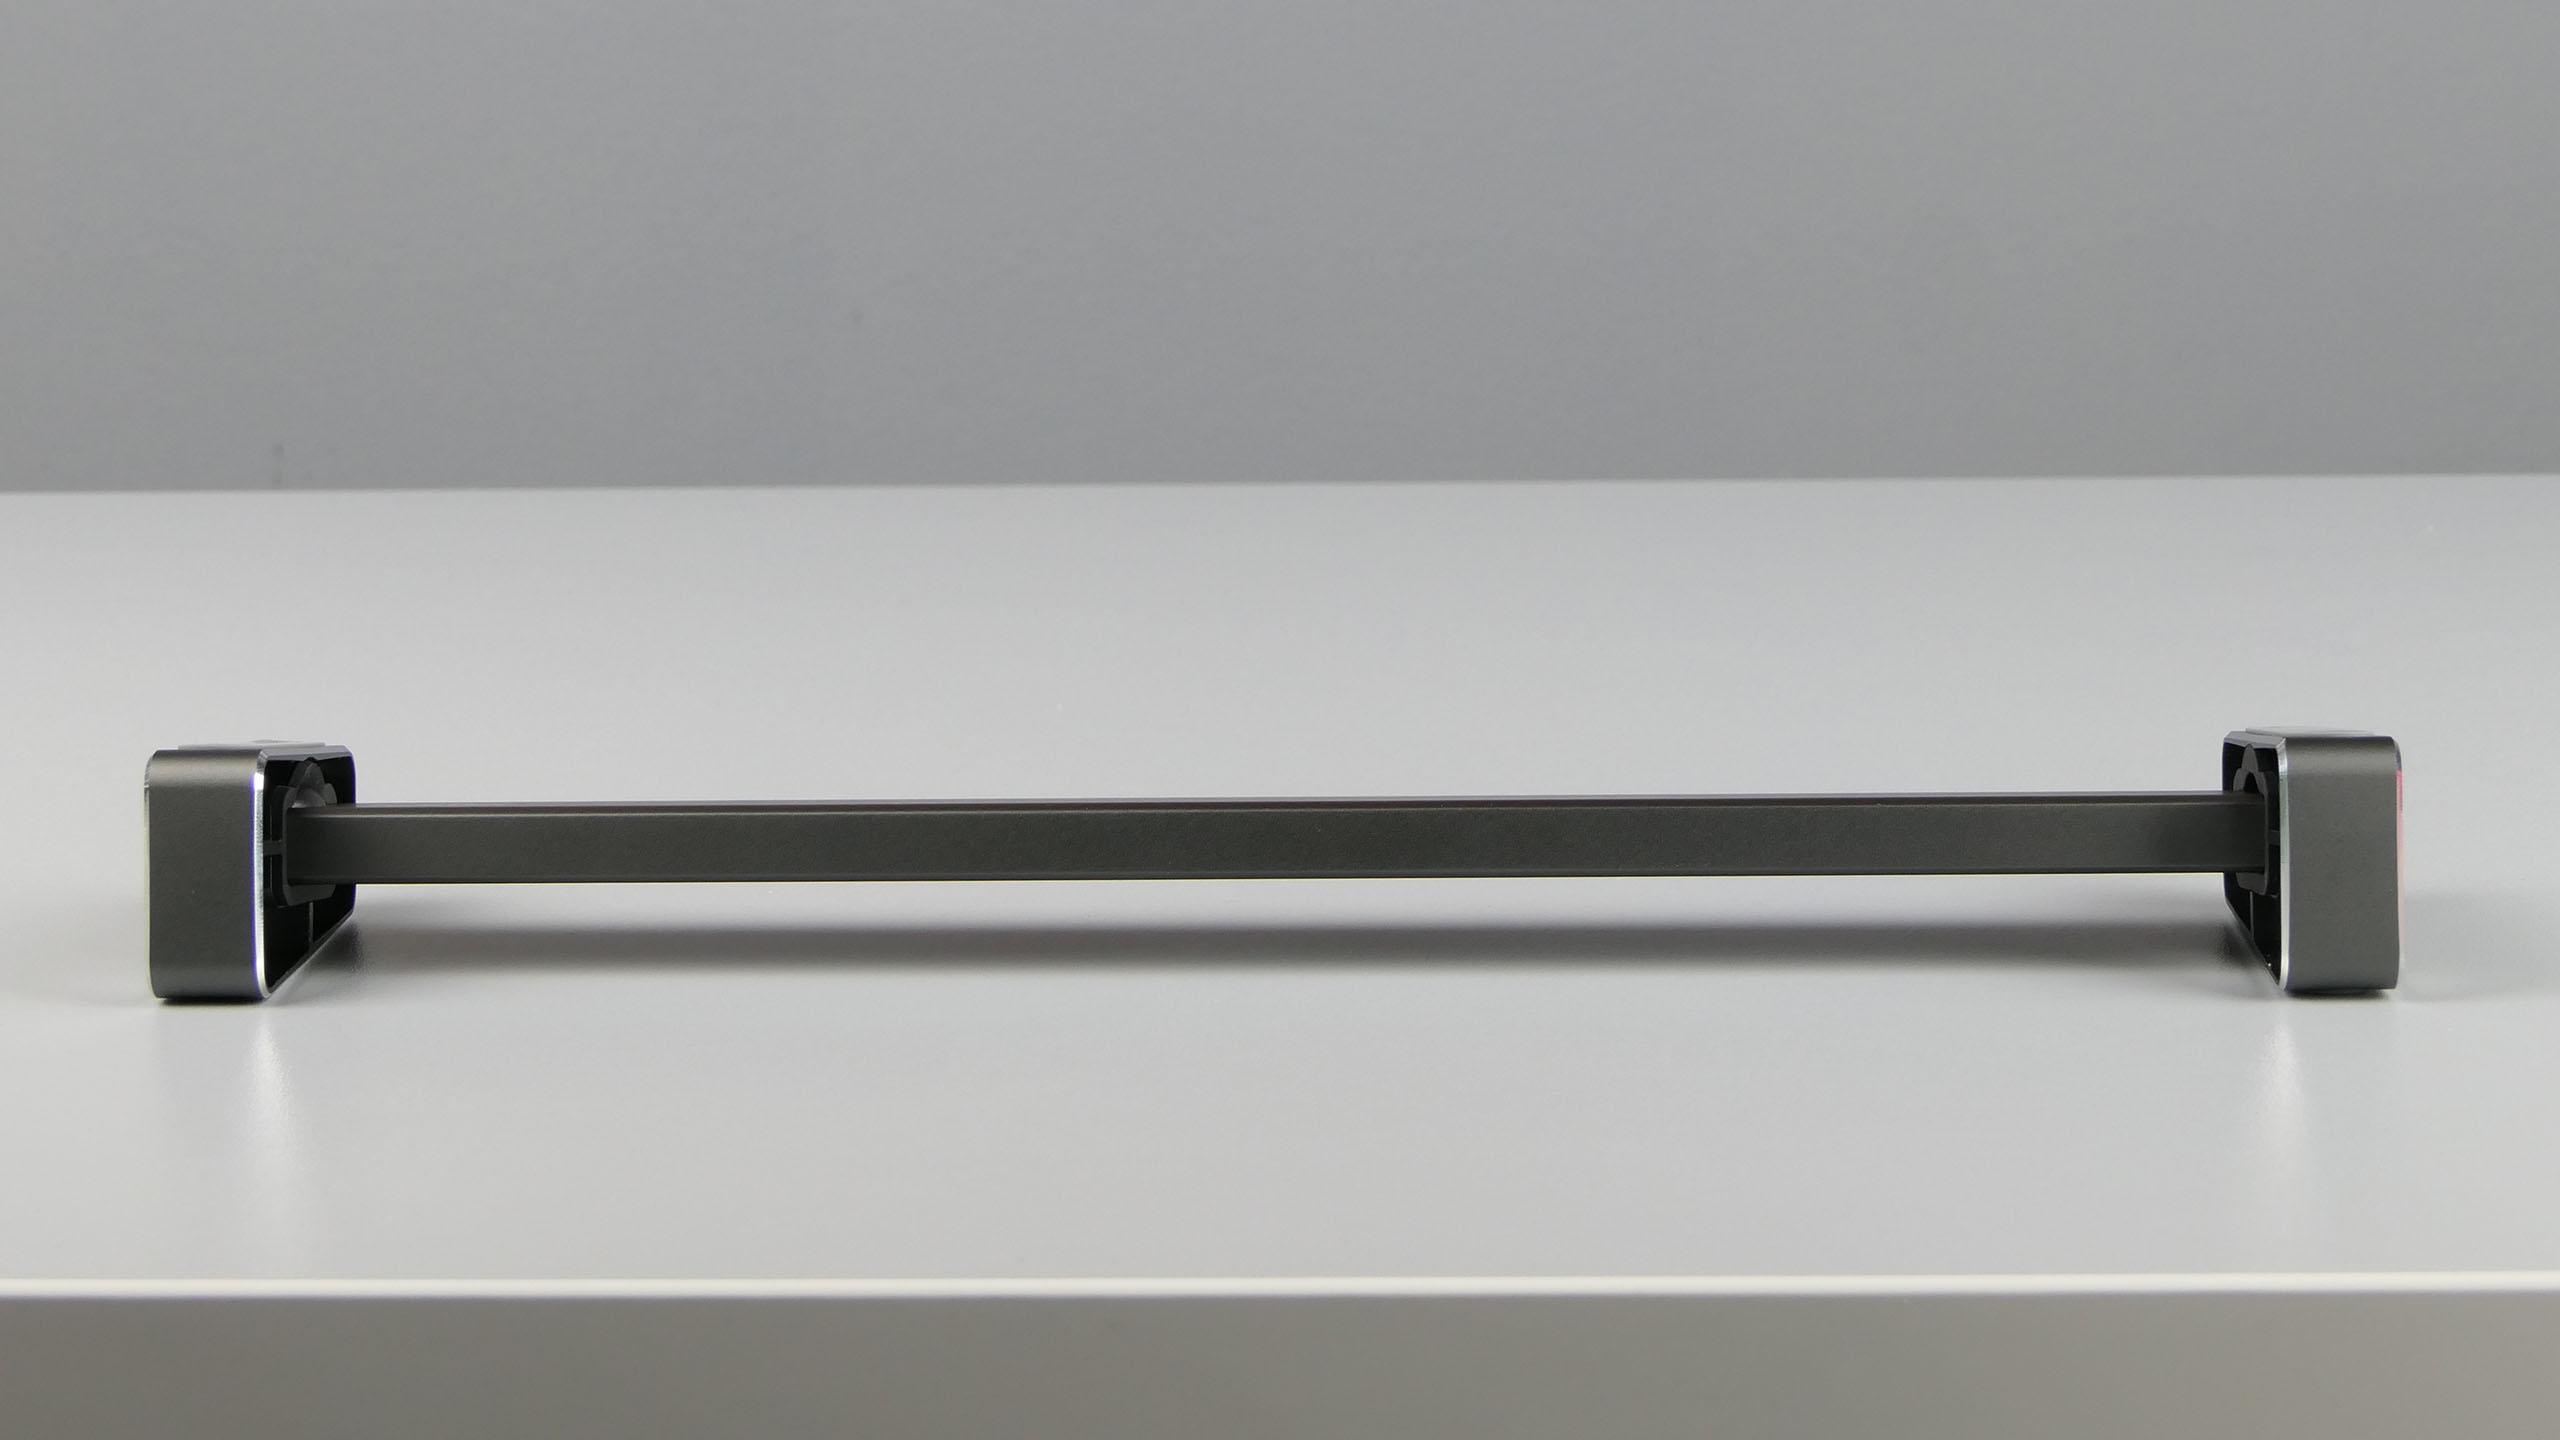 Hama Stacja dokująca USB-C 9w1 - front urządzenia